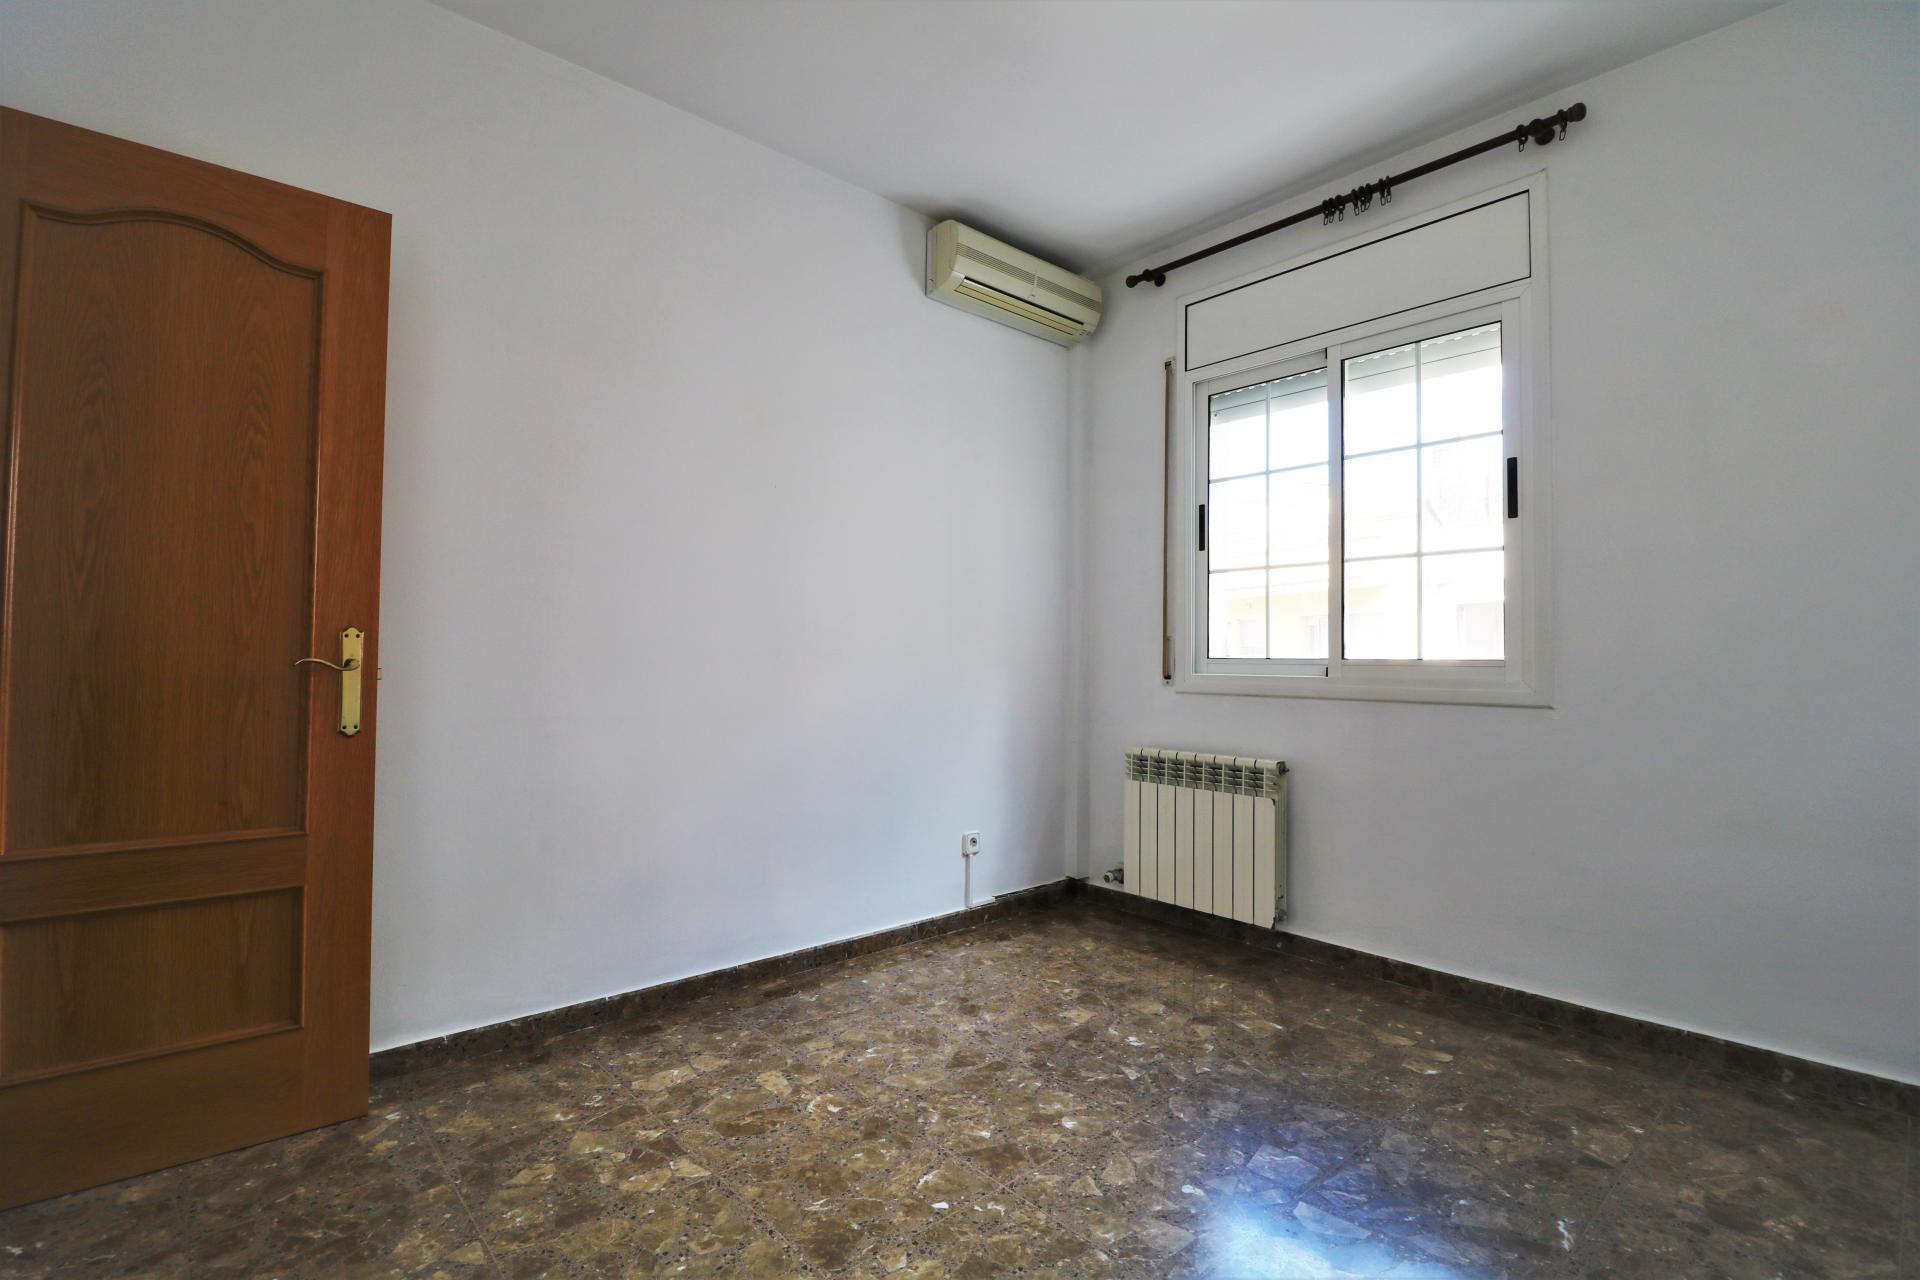 Imagen 3 Piso en venta en Viladecans / Centro de Viladecans, próximo al ajuntament